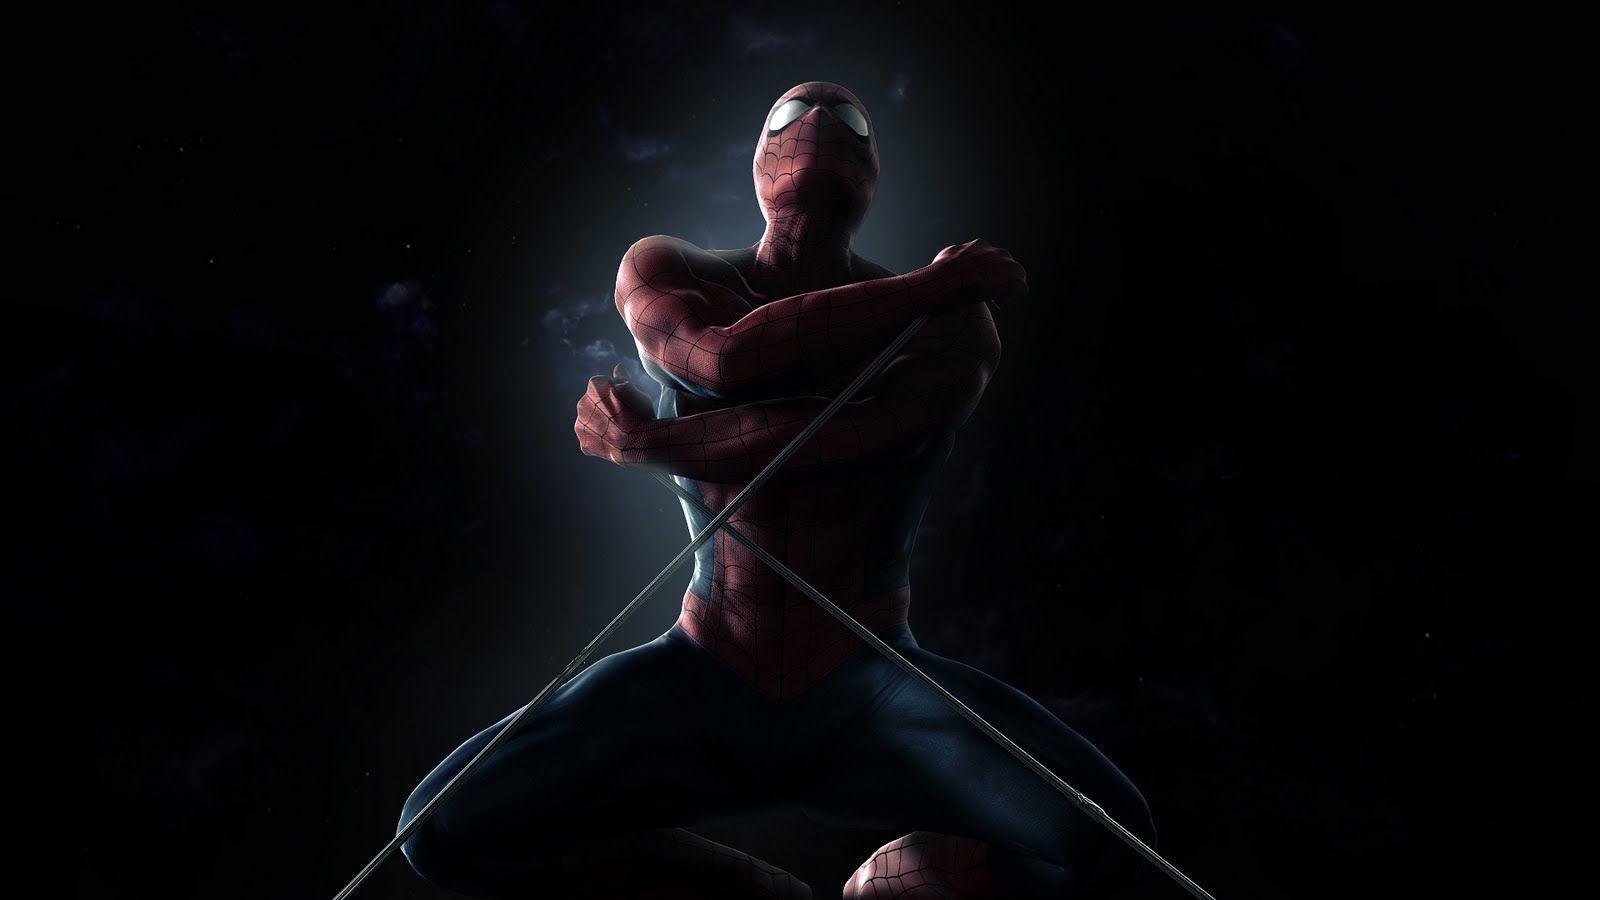 Spider-Man Laptop Wallpapers - Top Free Spider-Man Laptop ...